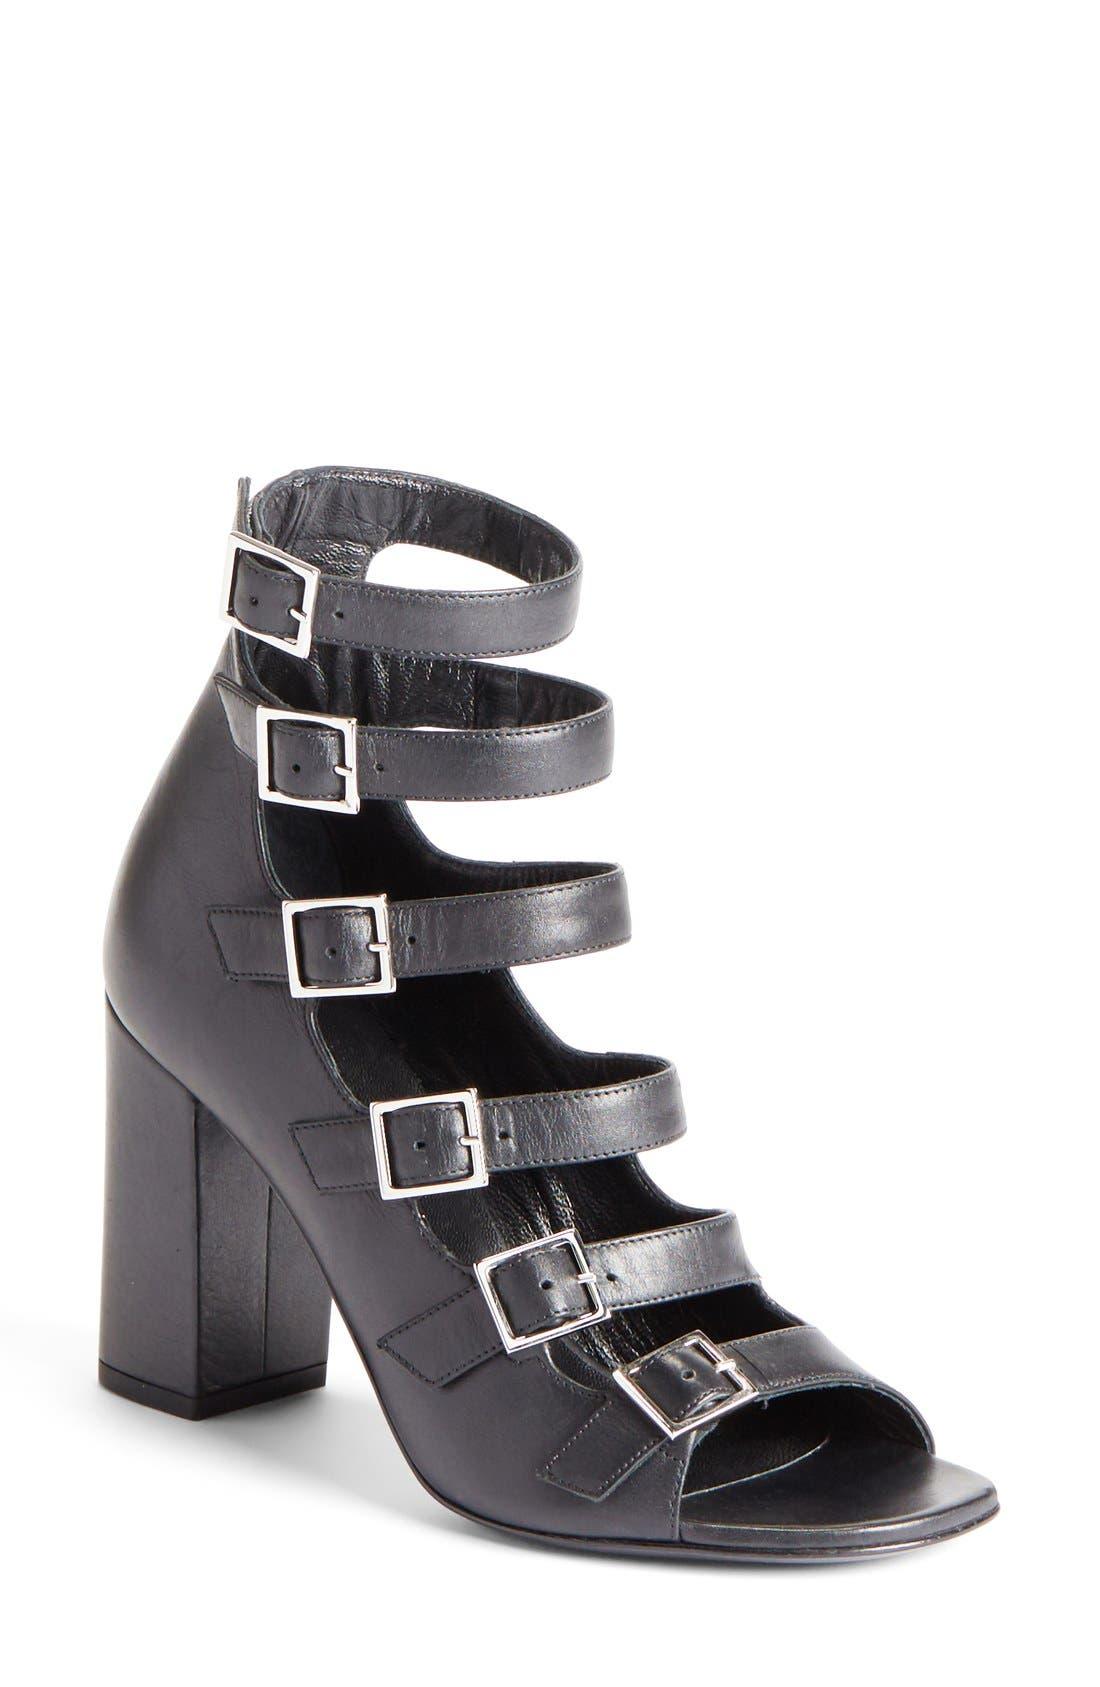 Main Image - Saint Laurent 'Babies' Buckle Strap Sandal (Women)